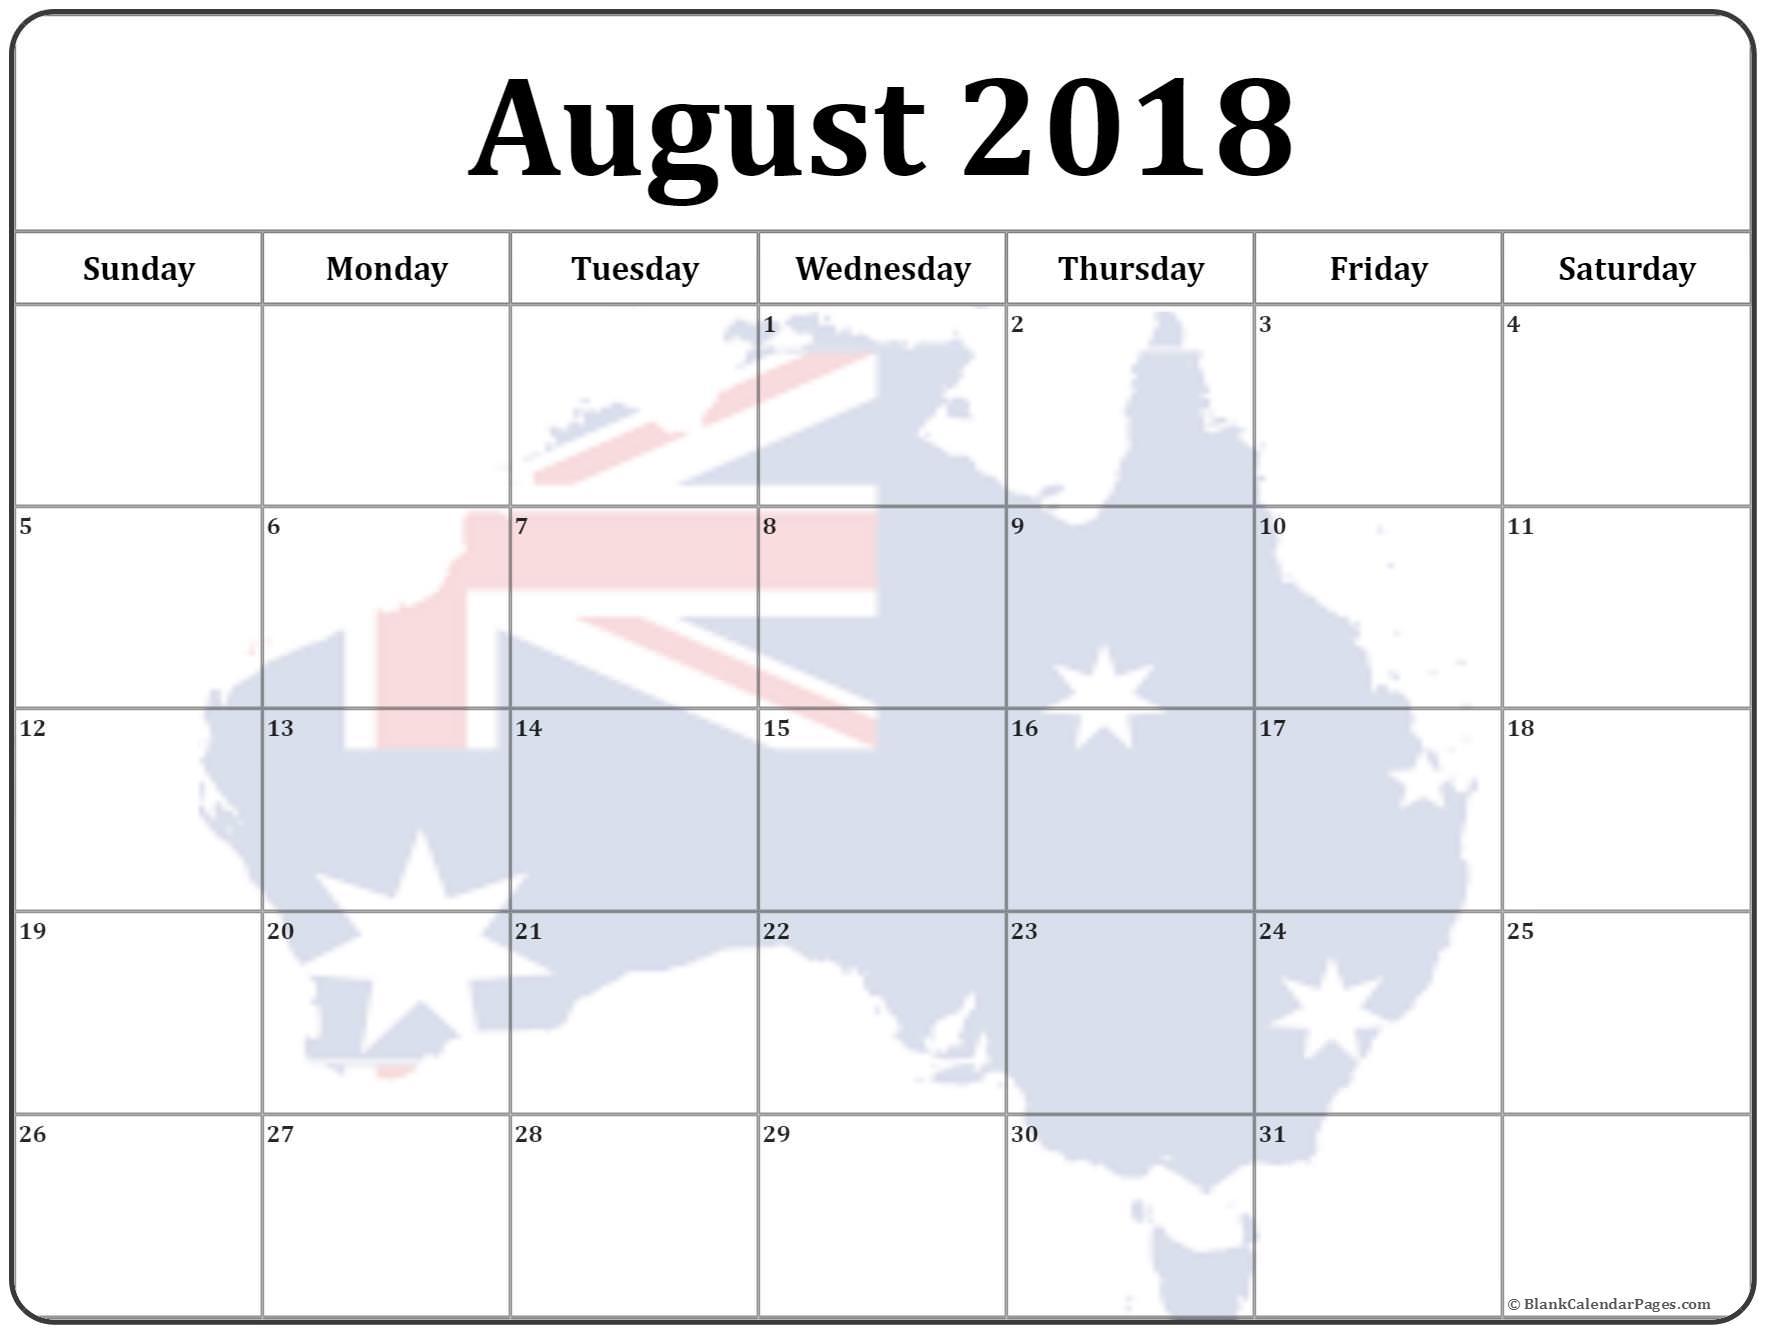 August 2018 Calendar Australia With Holidays